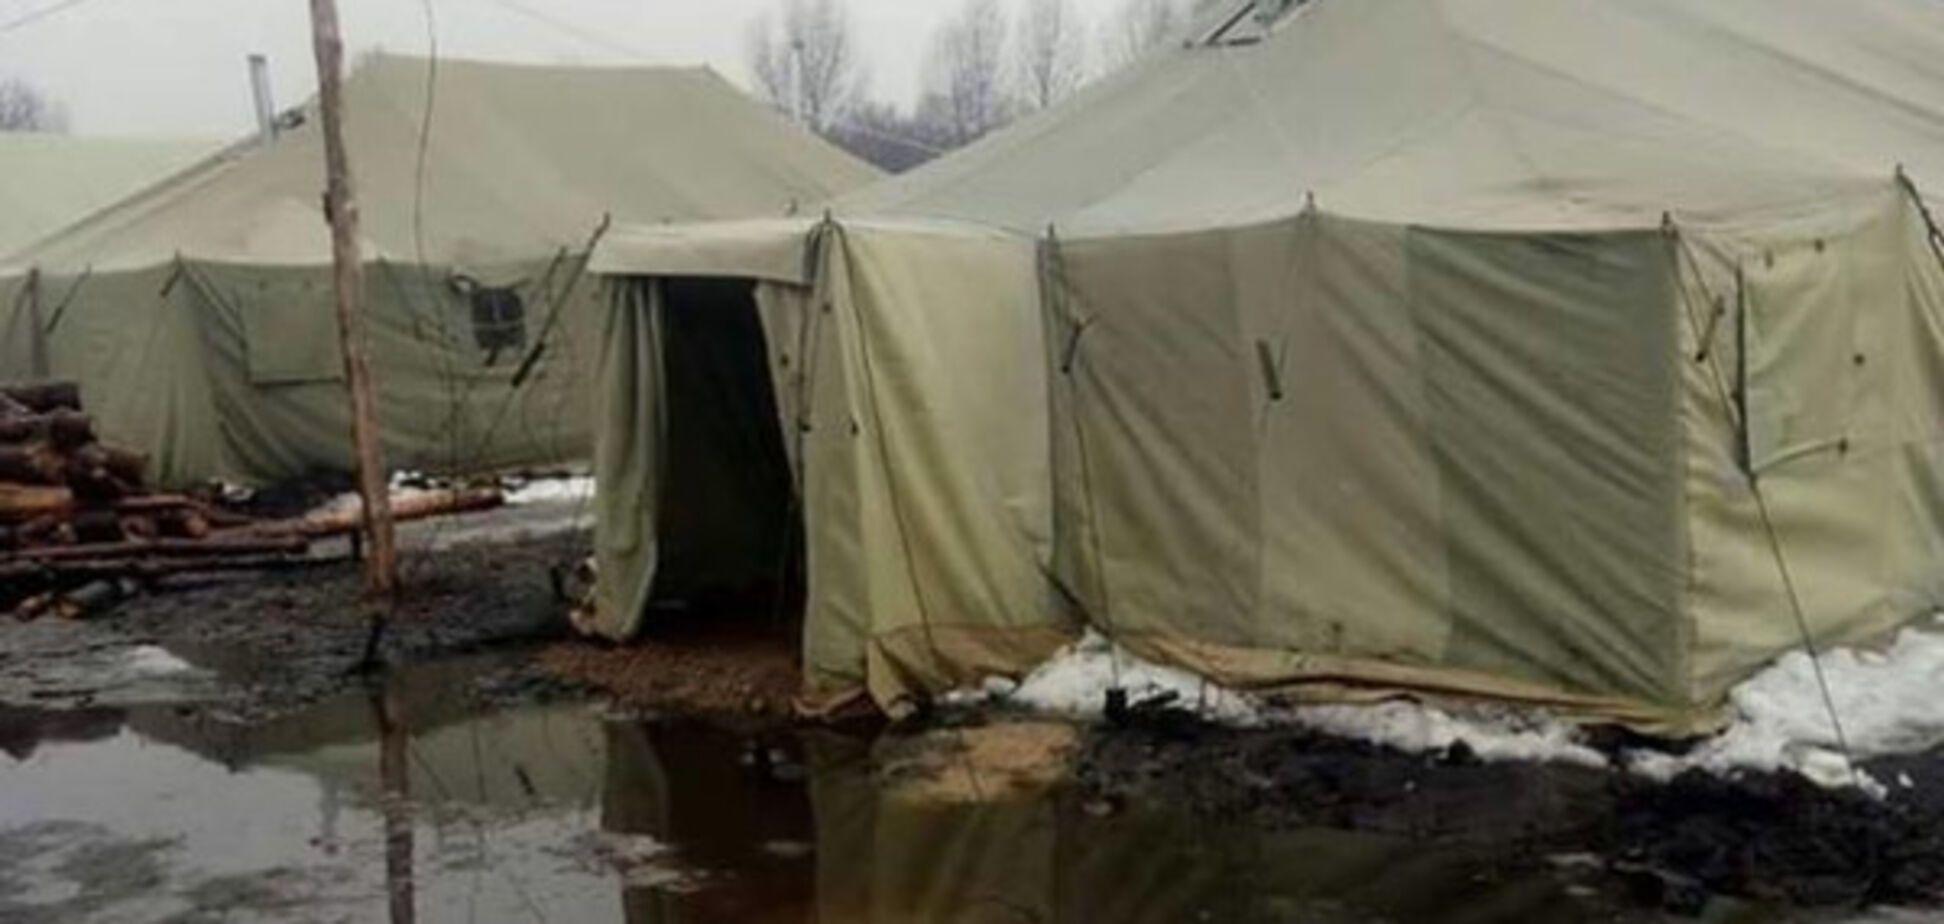 И это на 4-й год войны! Волонтер рассказал о продолжении скандала с палатками на полигоне